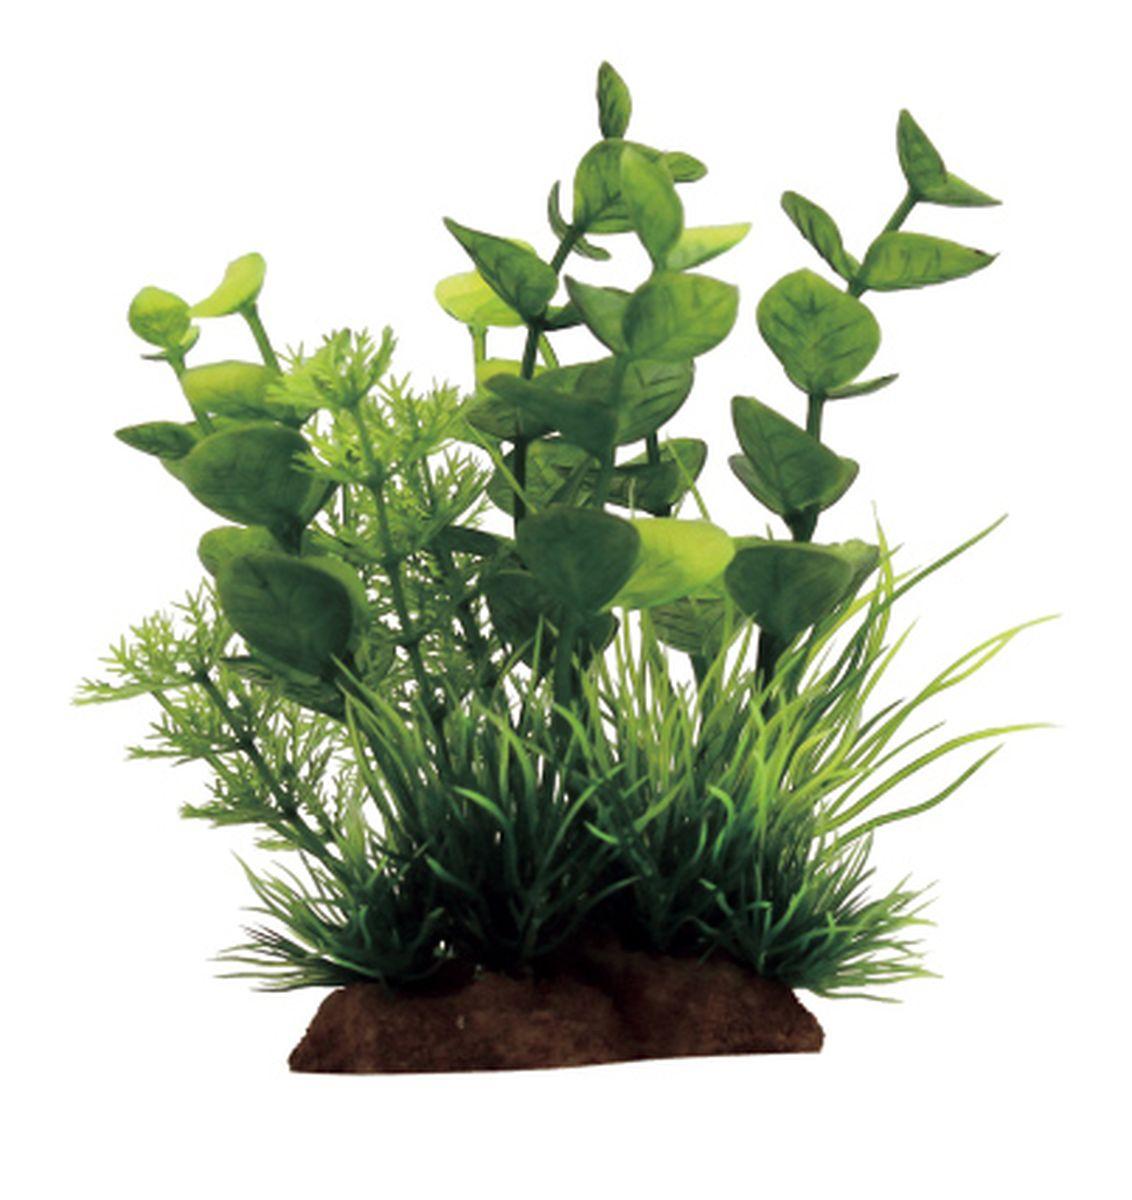 Композиция из растений для аквариума ArtUniq Бакопа, 10 x 5 x 12 см0120710Композиция из искусственных растений ArtUniq превосходно украсит и оживит аквариум.Растения - это важная часть любой композиции, они помогут вдохнуть жизнь в ландшафт любого аквариума или террариума. Композиция является точной копией природного растения.